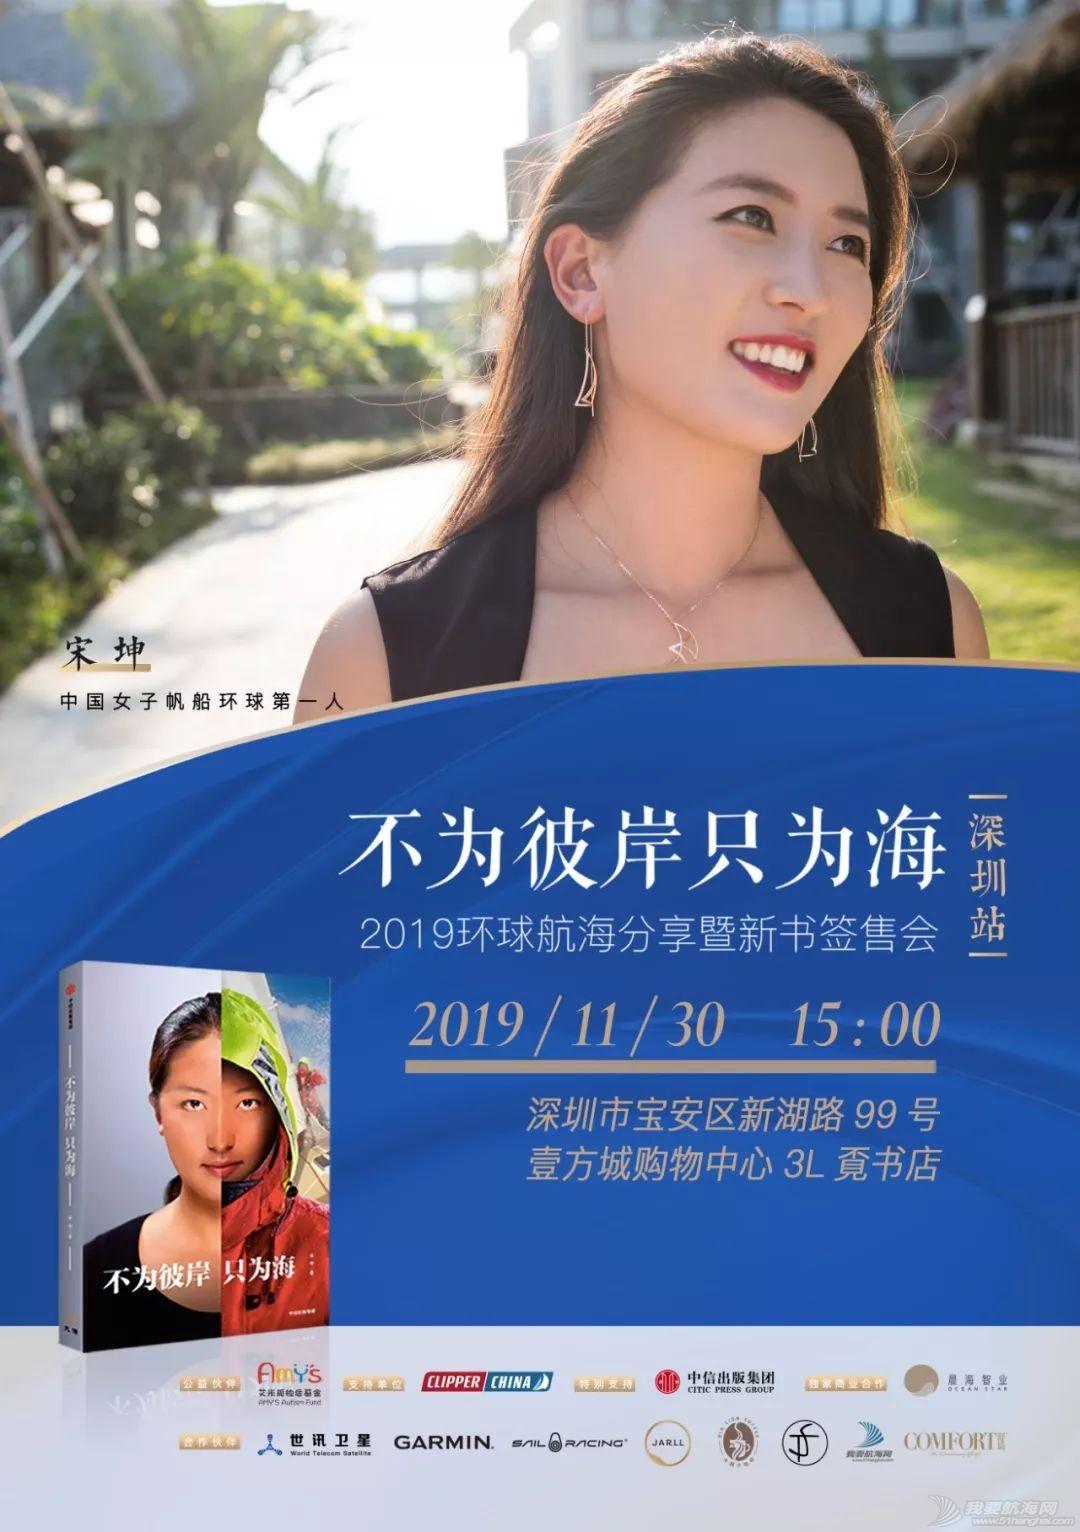 深圳覔书店   宋坤环球航海分享暨新书签售会预告w2.jpg